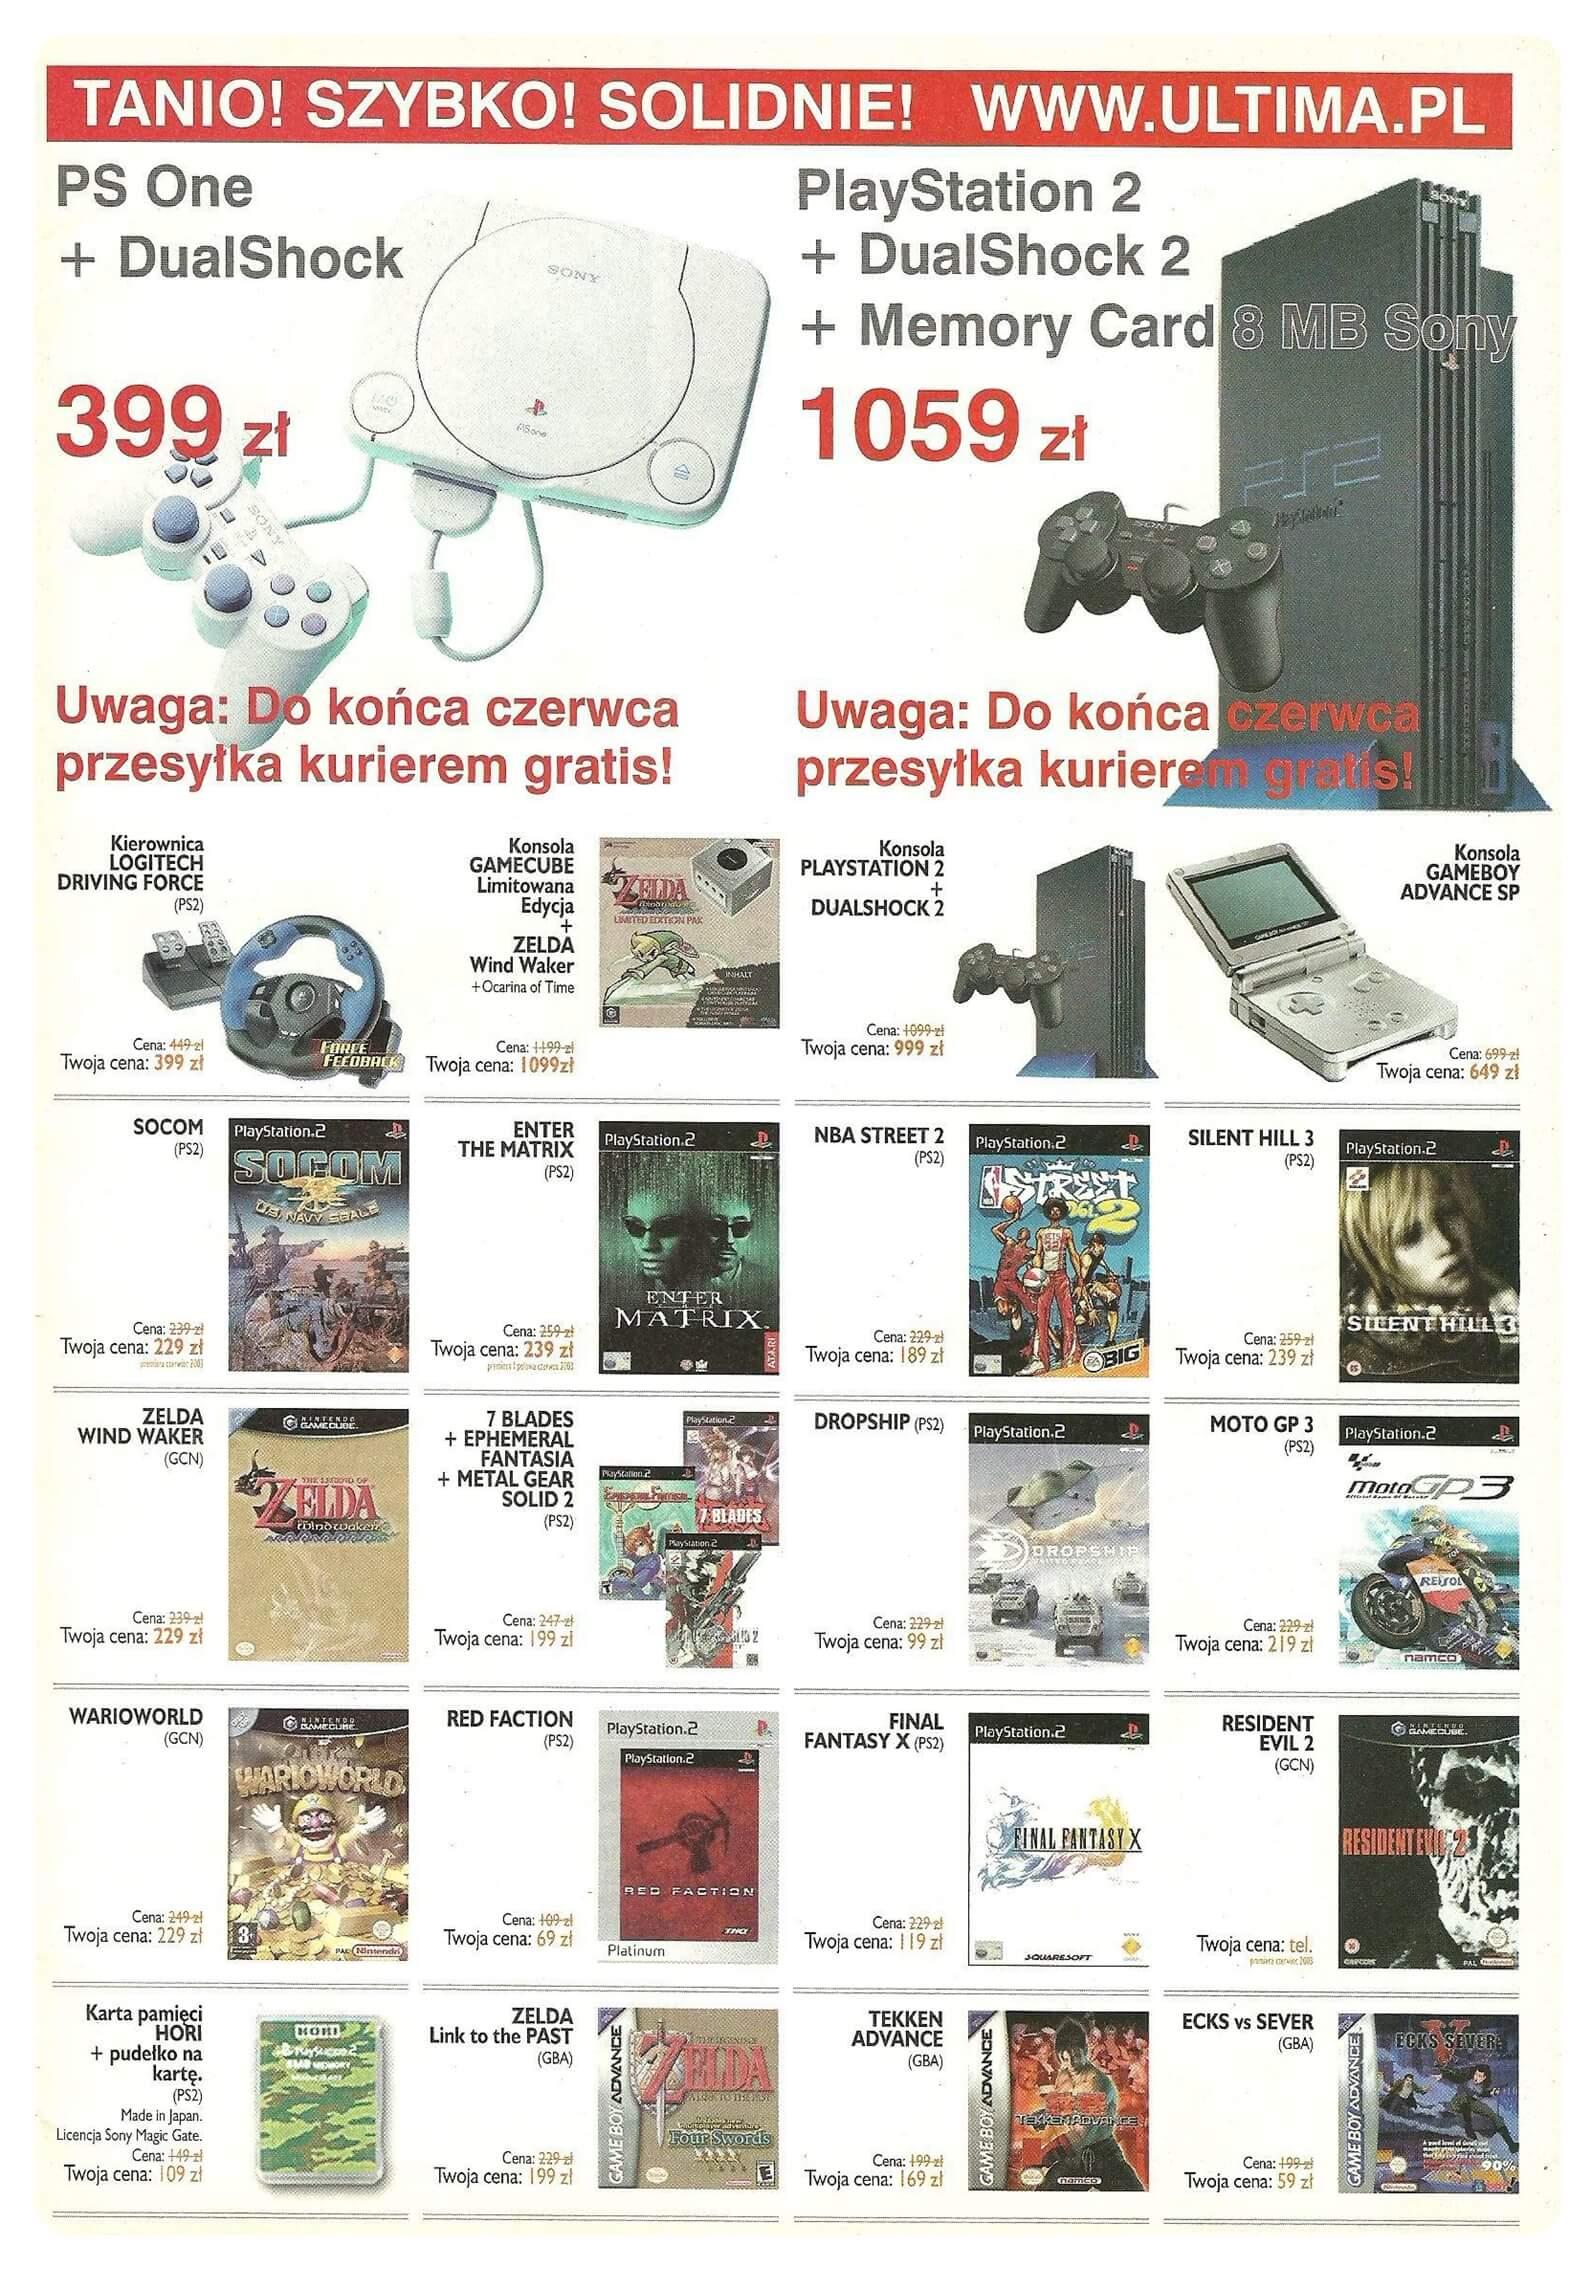 Neo Plus nr 054 20033q4 - Jak wyglądały ceny różnych konsol w Polsce w latach 1996-2006?